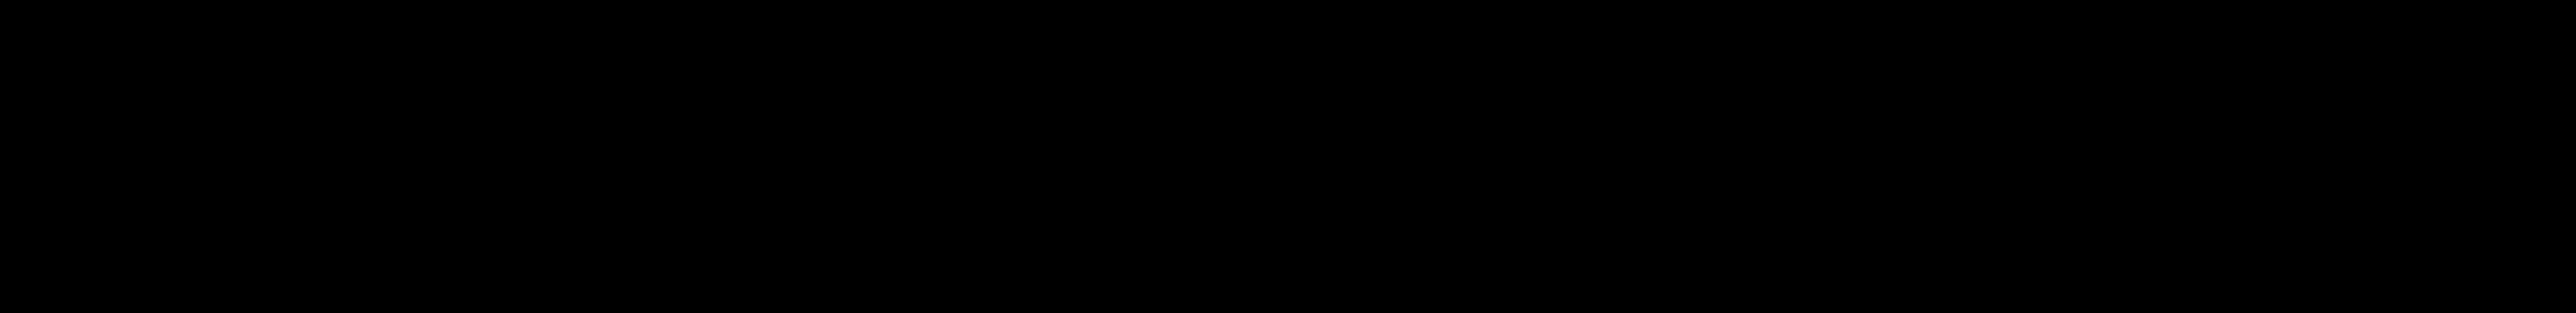 SWNigeria